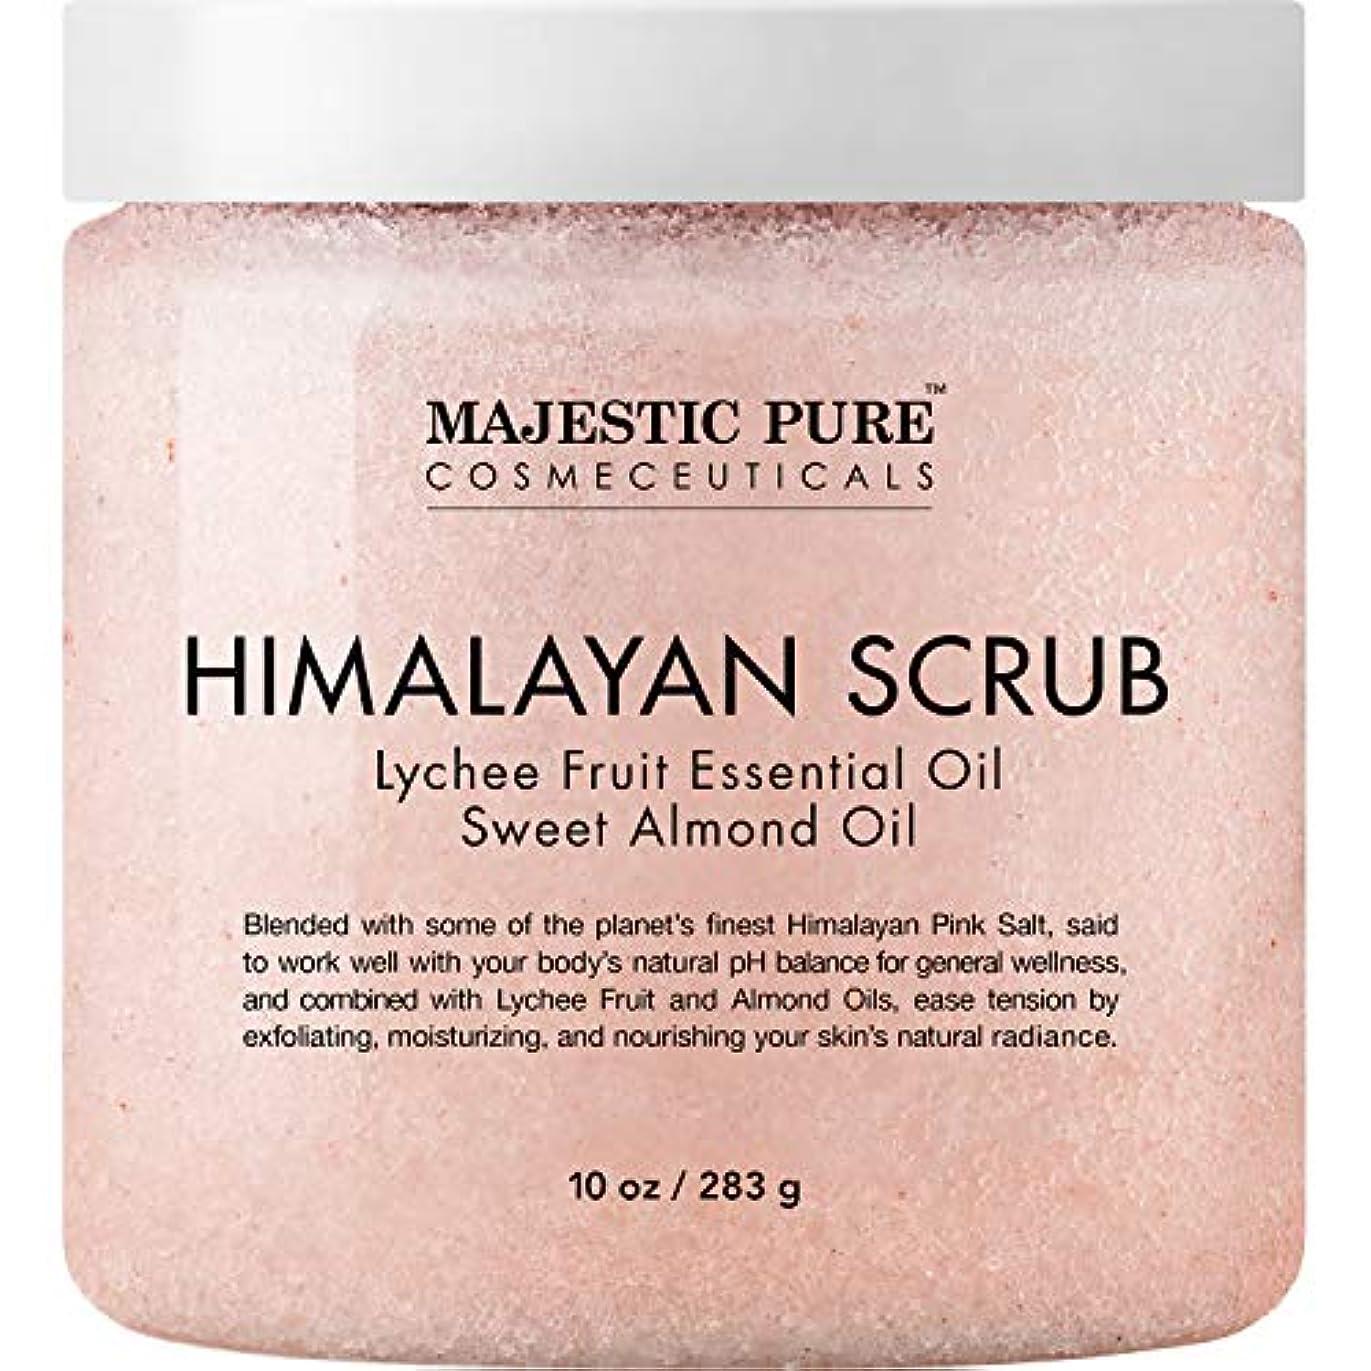 一元化する私たちの件名Himalayan Salt Body Scrub with Lychee Essential Oil 10 oz 283g ヒマラヤンソルトスクラブ ライチオイル